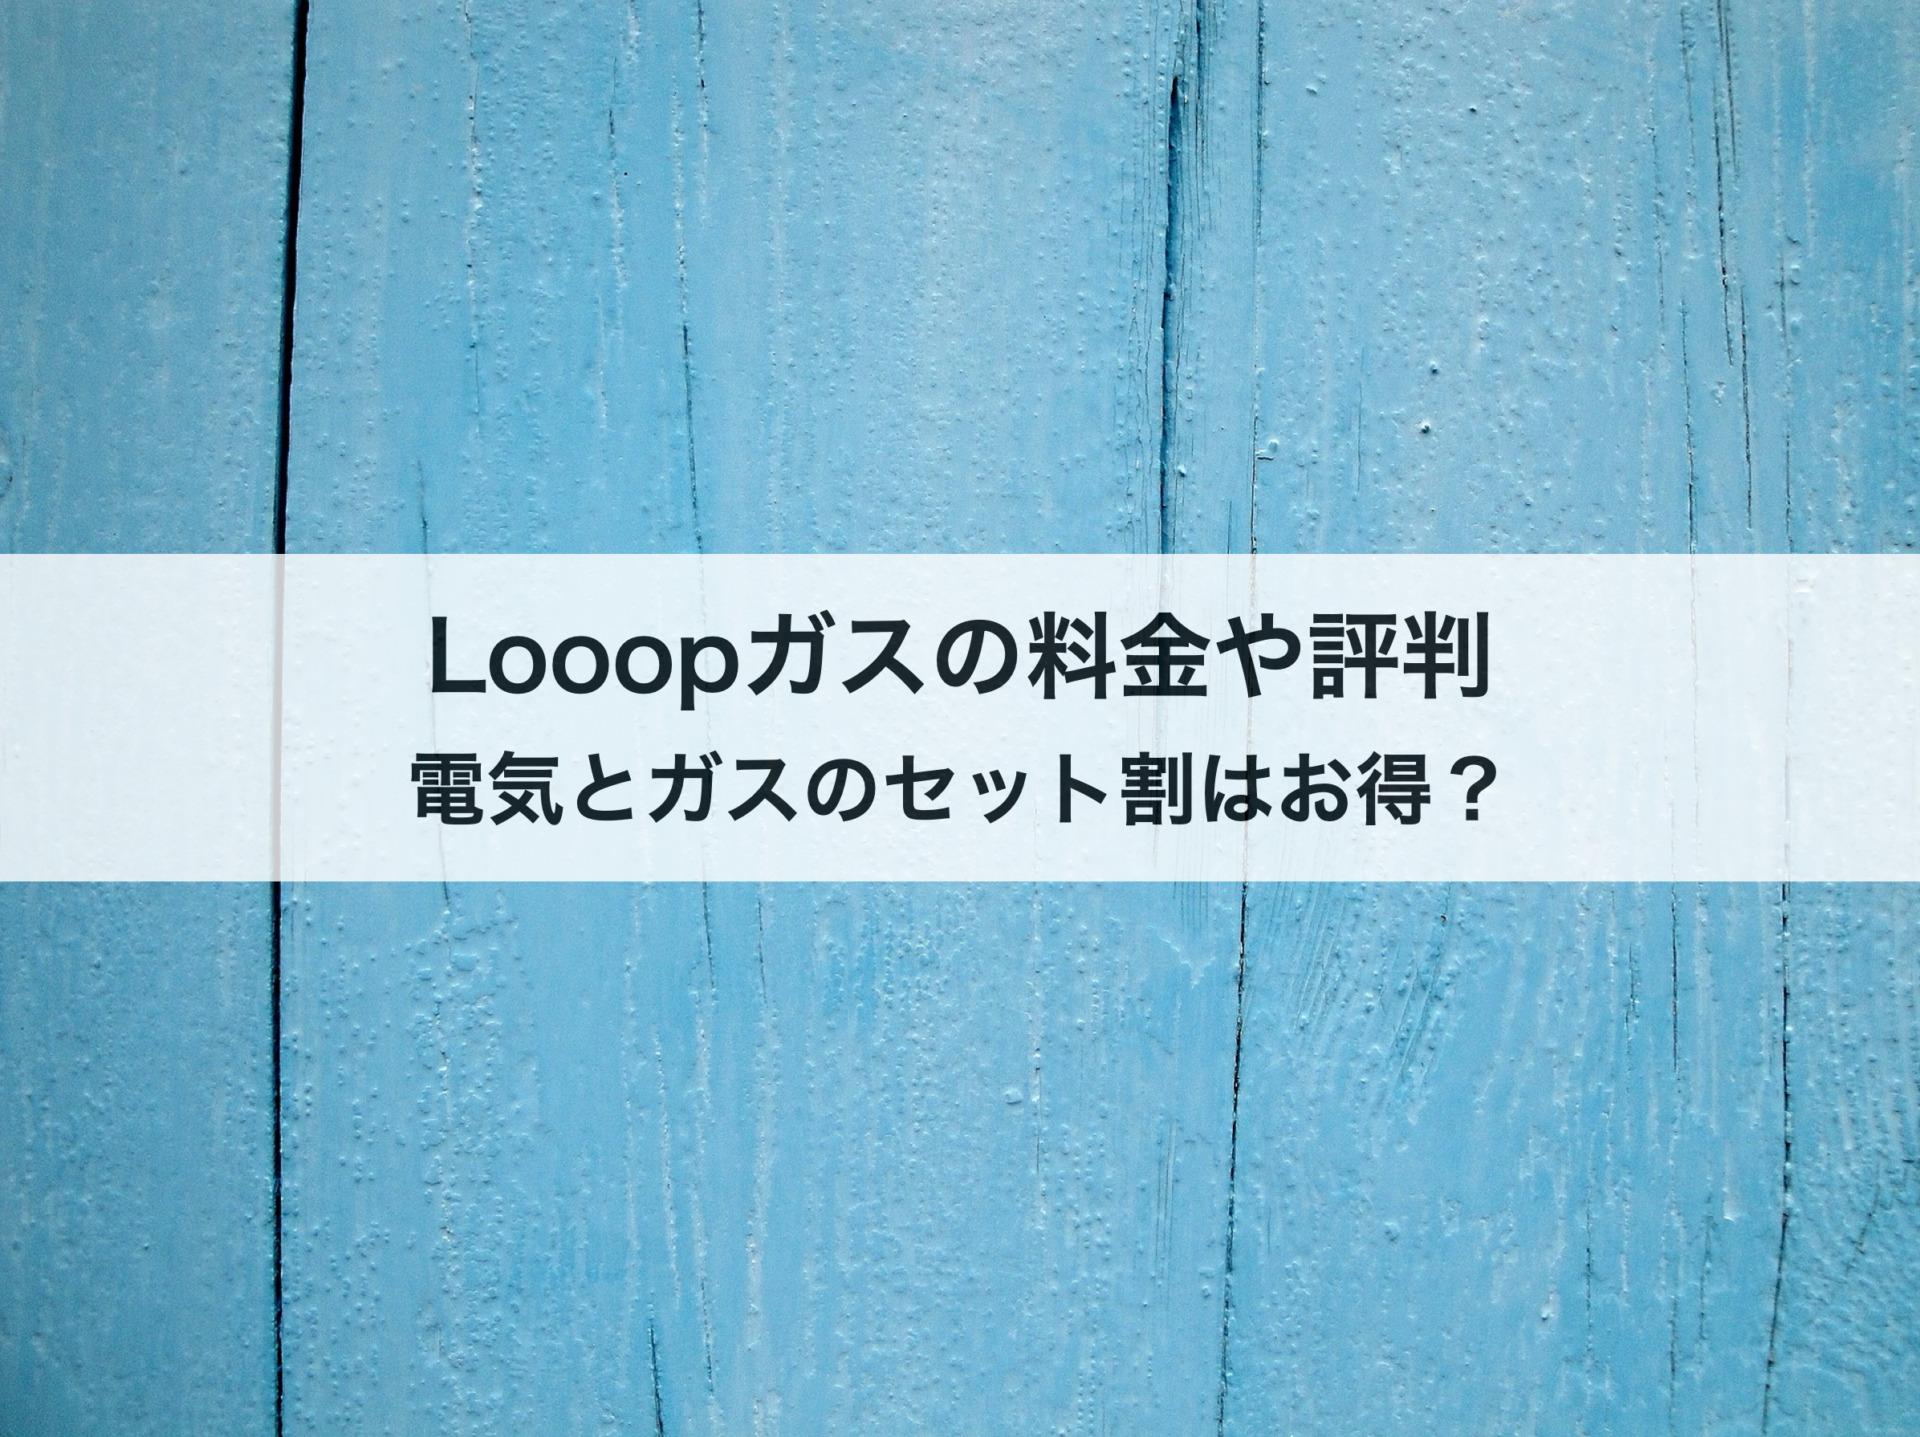 Looopガスの料金プランや評判は?Looopでんきとのセット割はお得なのか徹底解説!